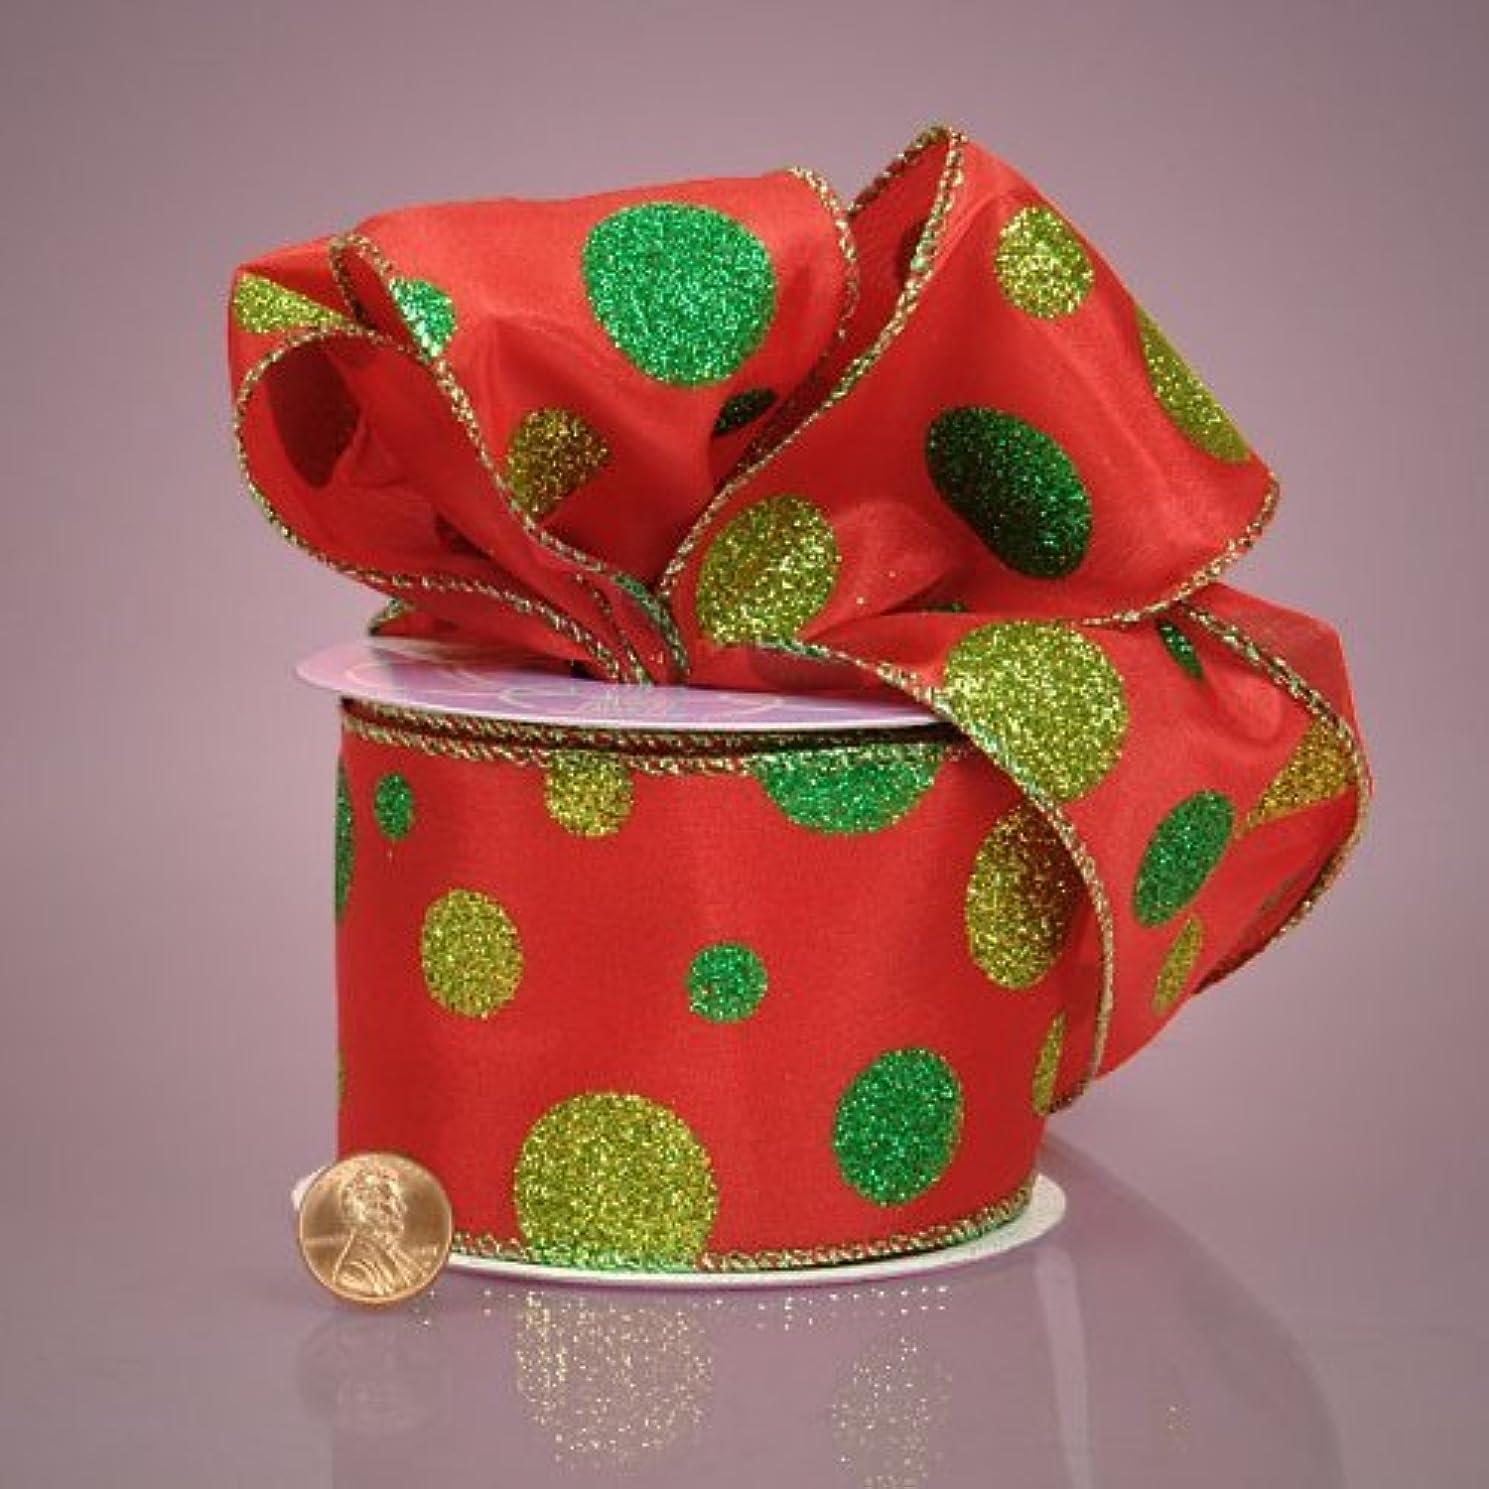 Red and Green Glitter Polka Dots Satin Ribbon, 2-1/2